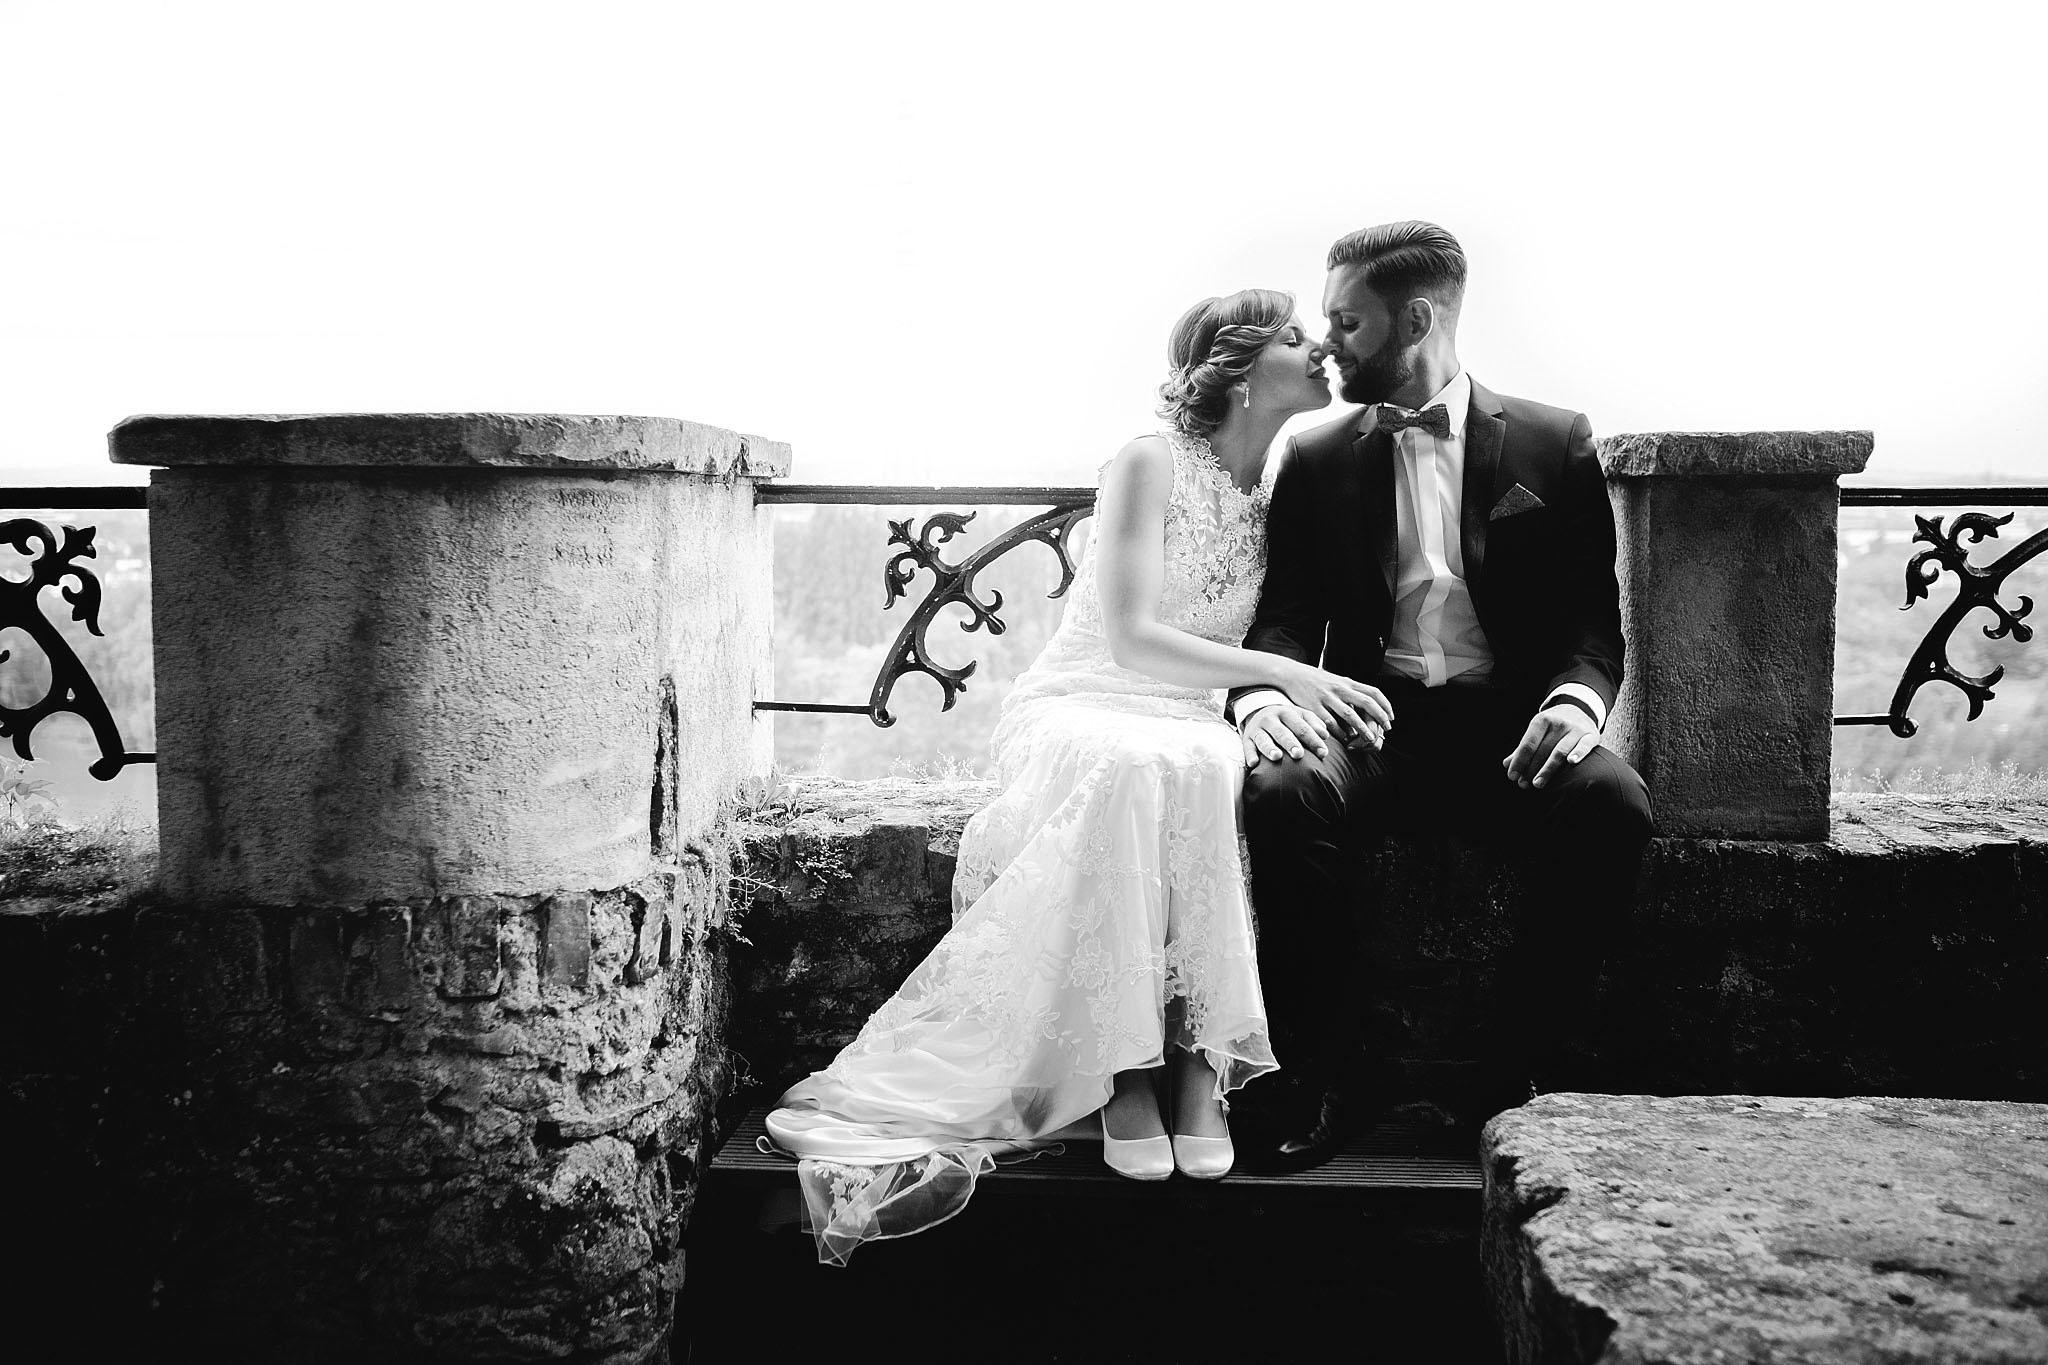 Hochzeitsfotograf-Koblenz-Hochzeit-Klostergut-Besselich-53